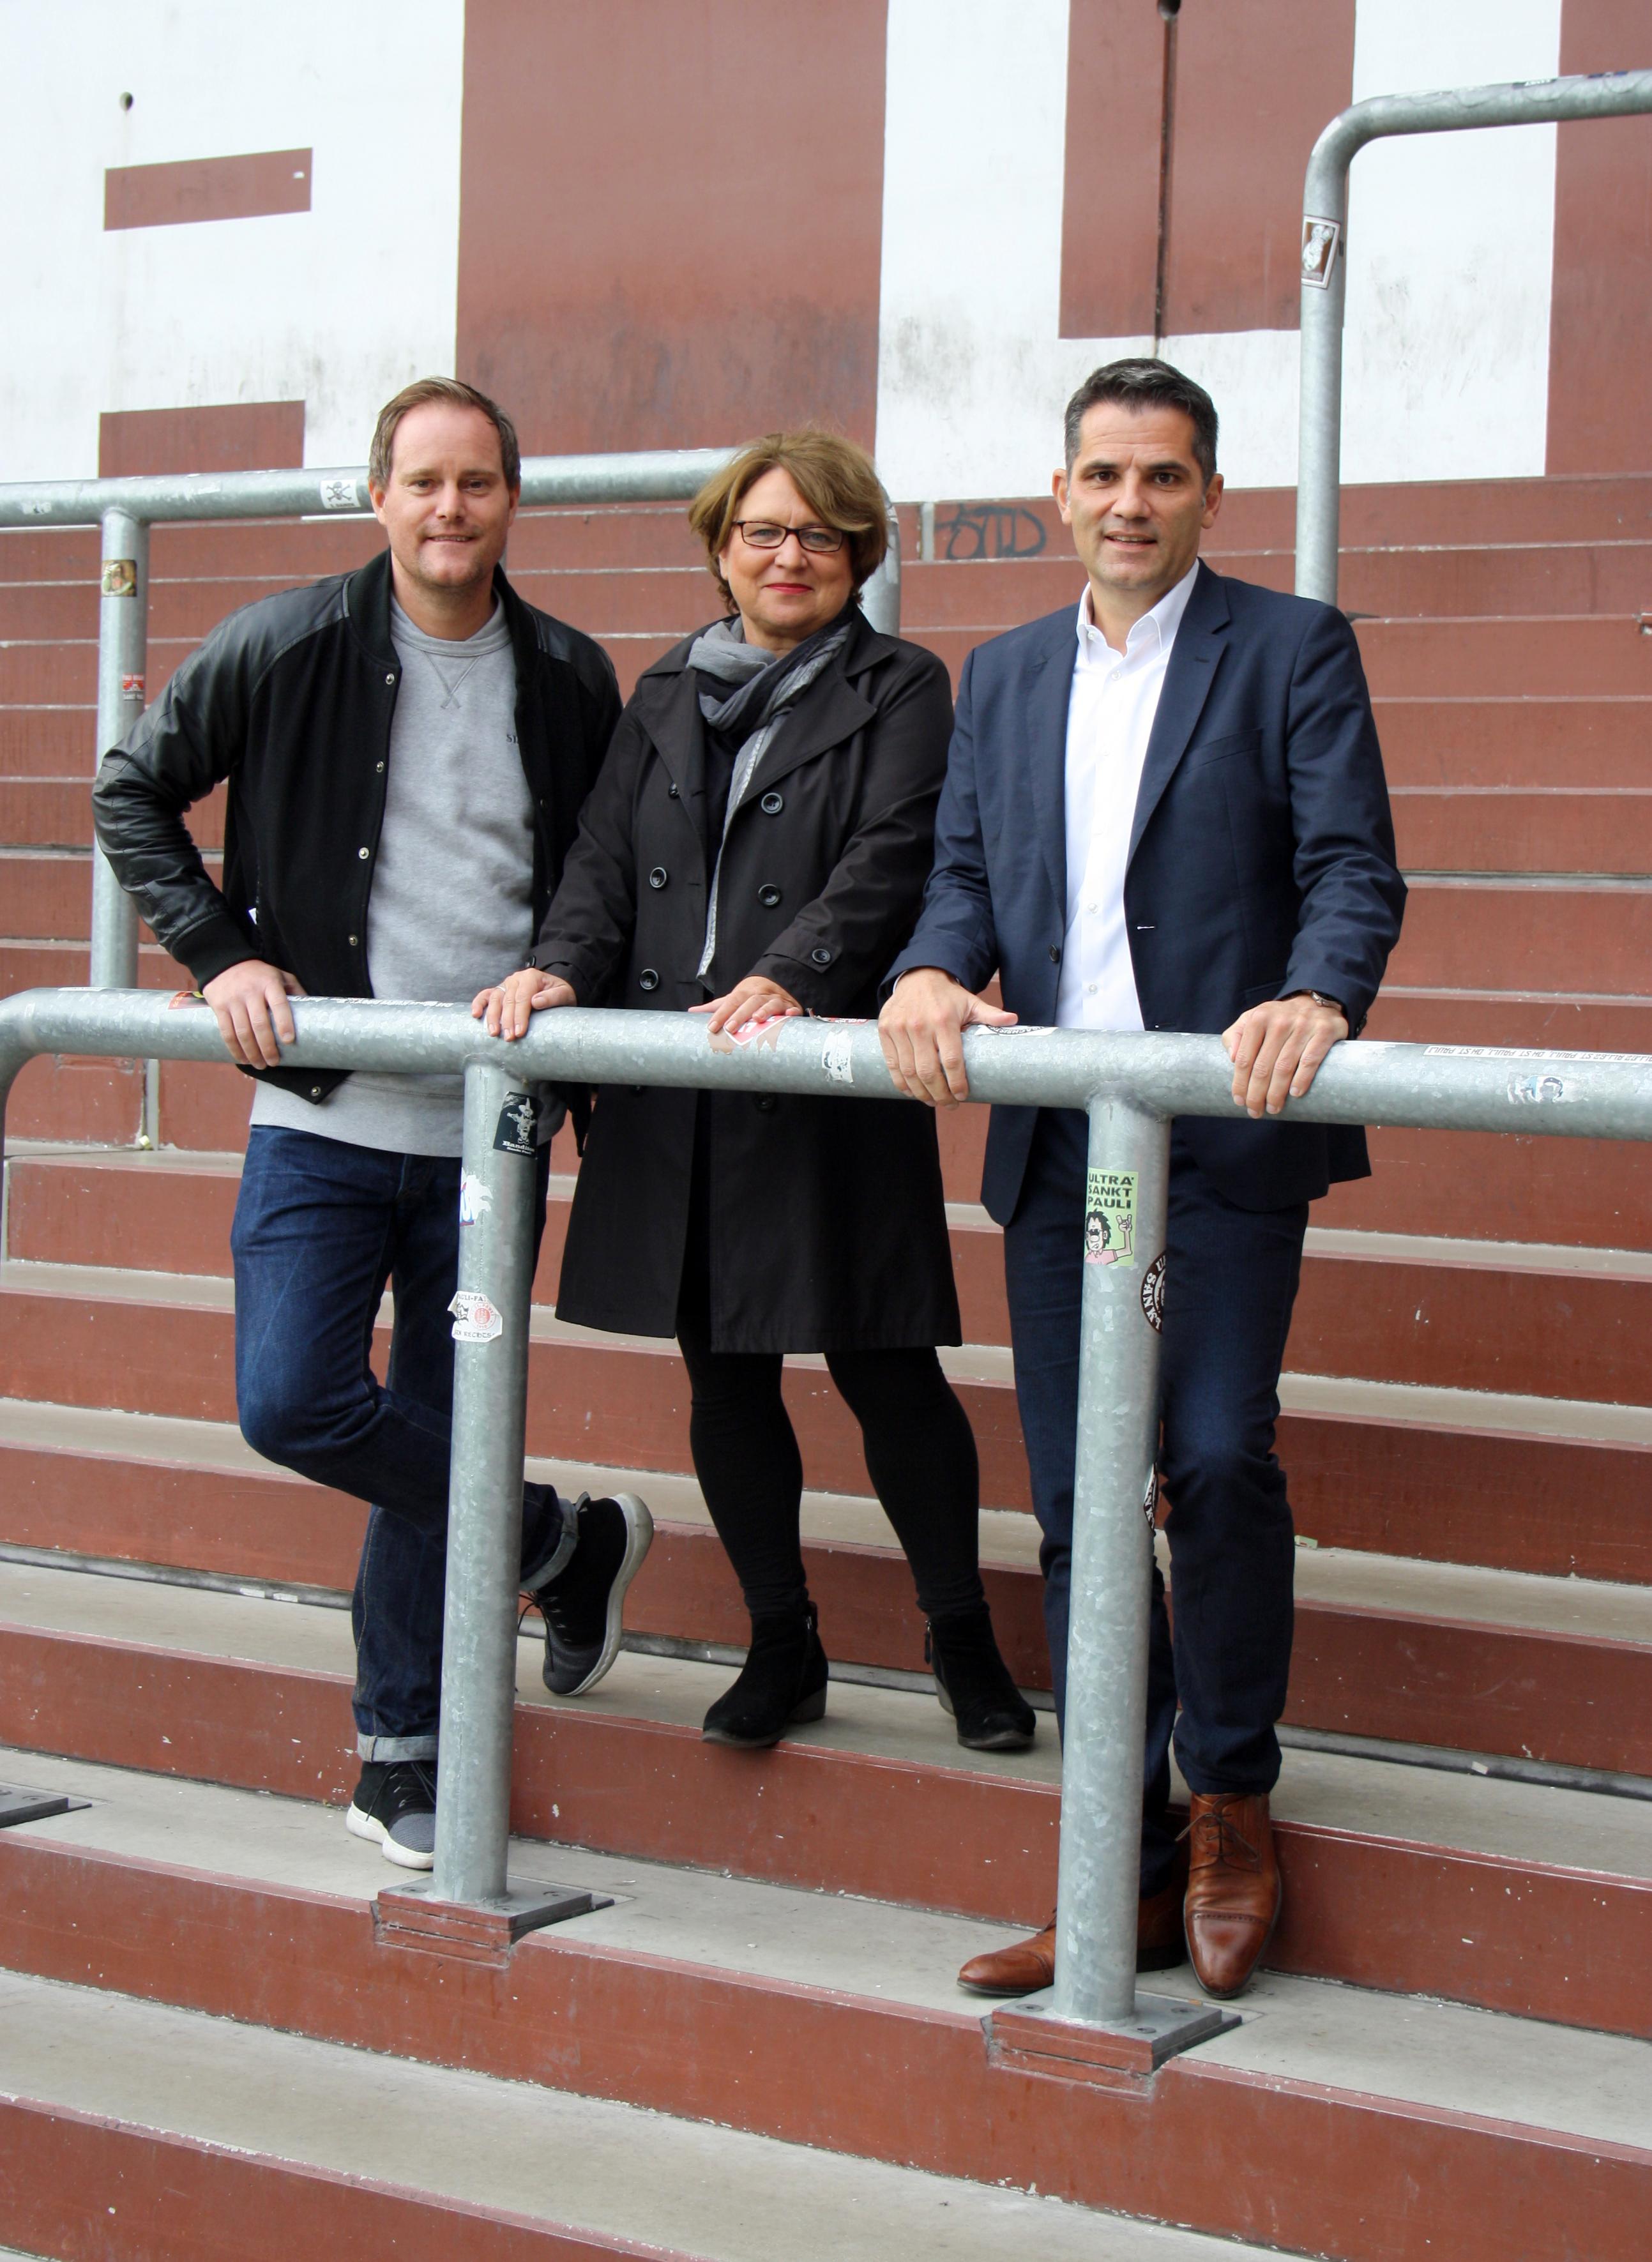 Christiane Hollander und Carsten Höltkemeyer kandidieren als VizepräsidentInnen beim FC St. Pauli